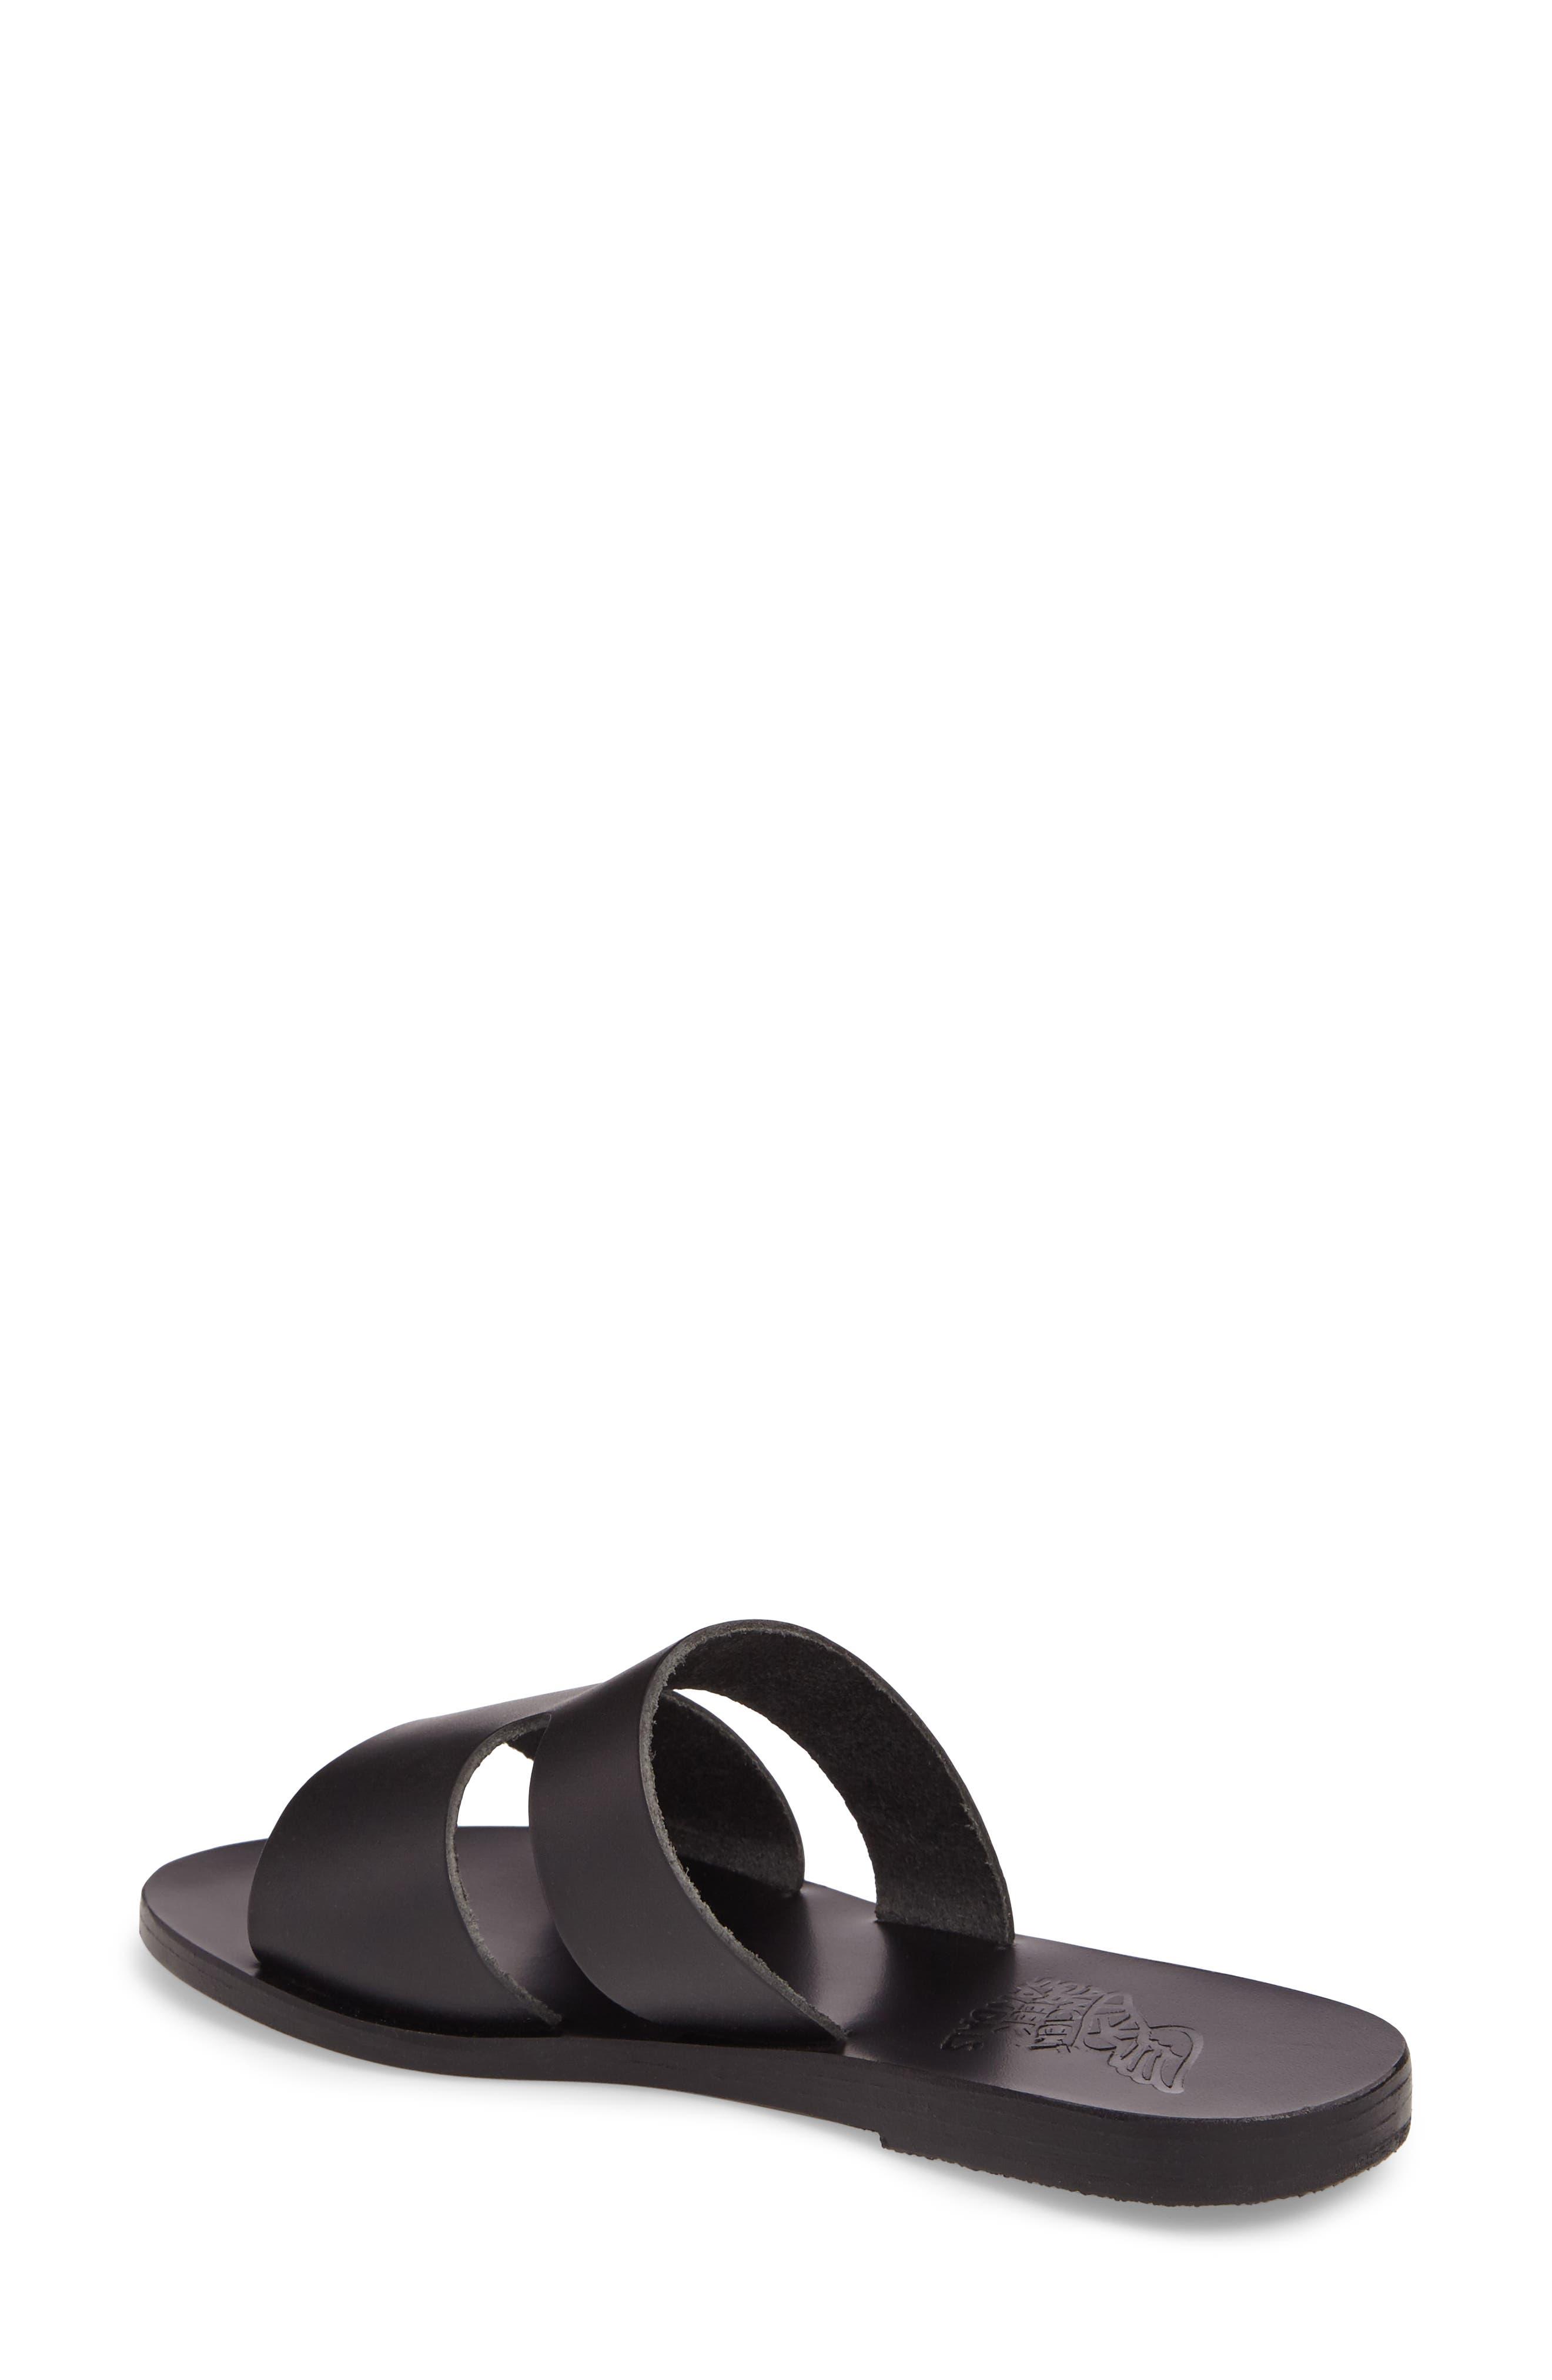 Apteros Genuine Calf Hair Slide Sandal,                             Alternate thumbnail 2, color,                             001